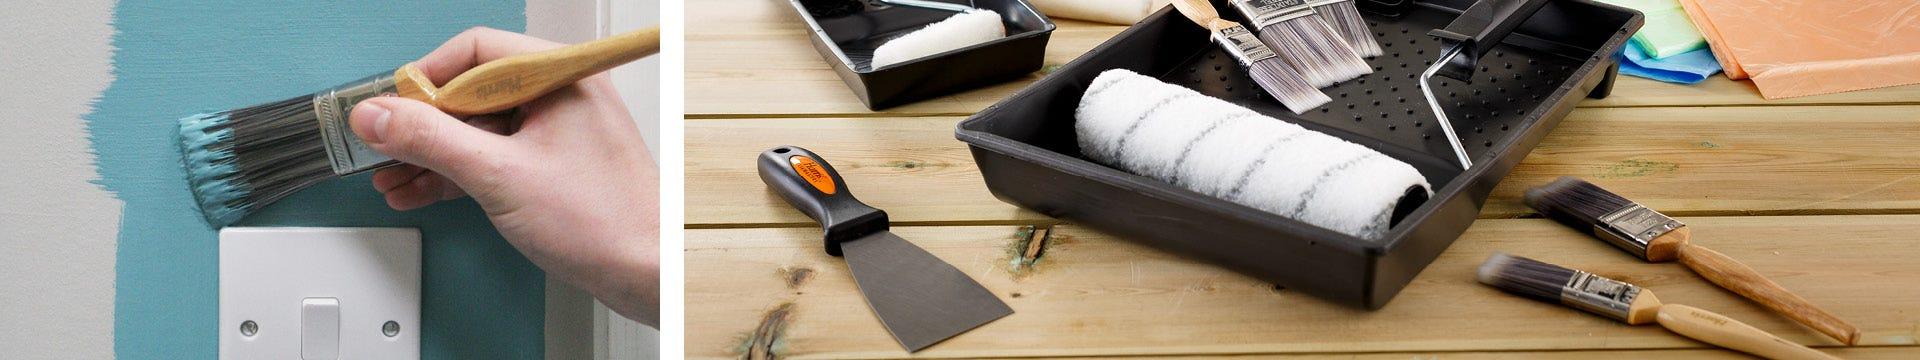 Decorating Tools & Accessories